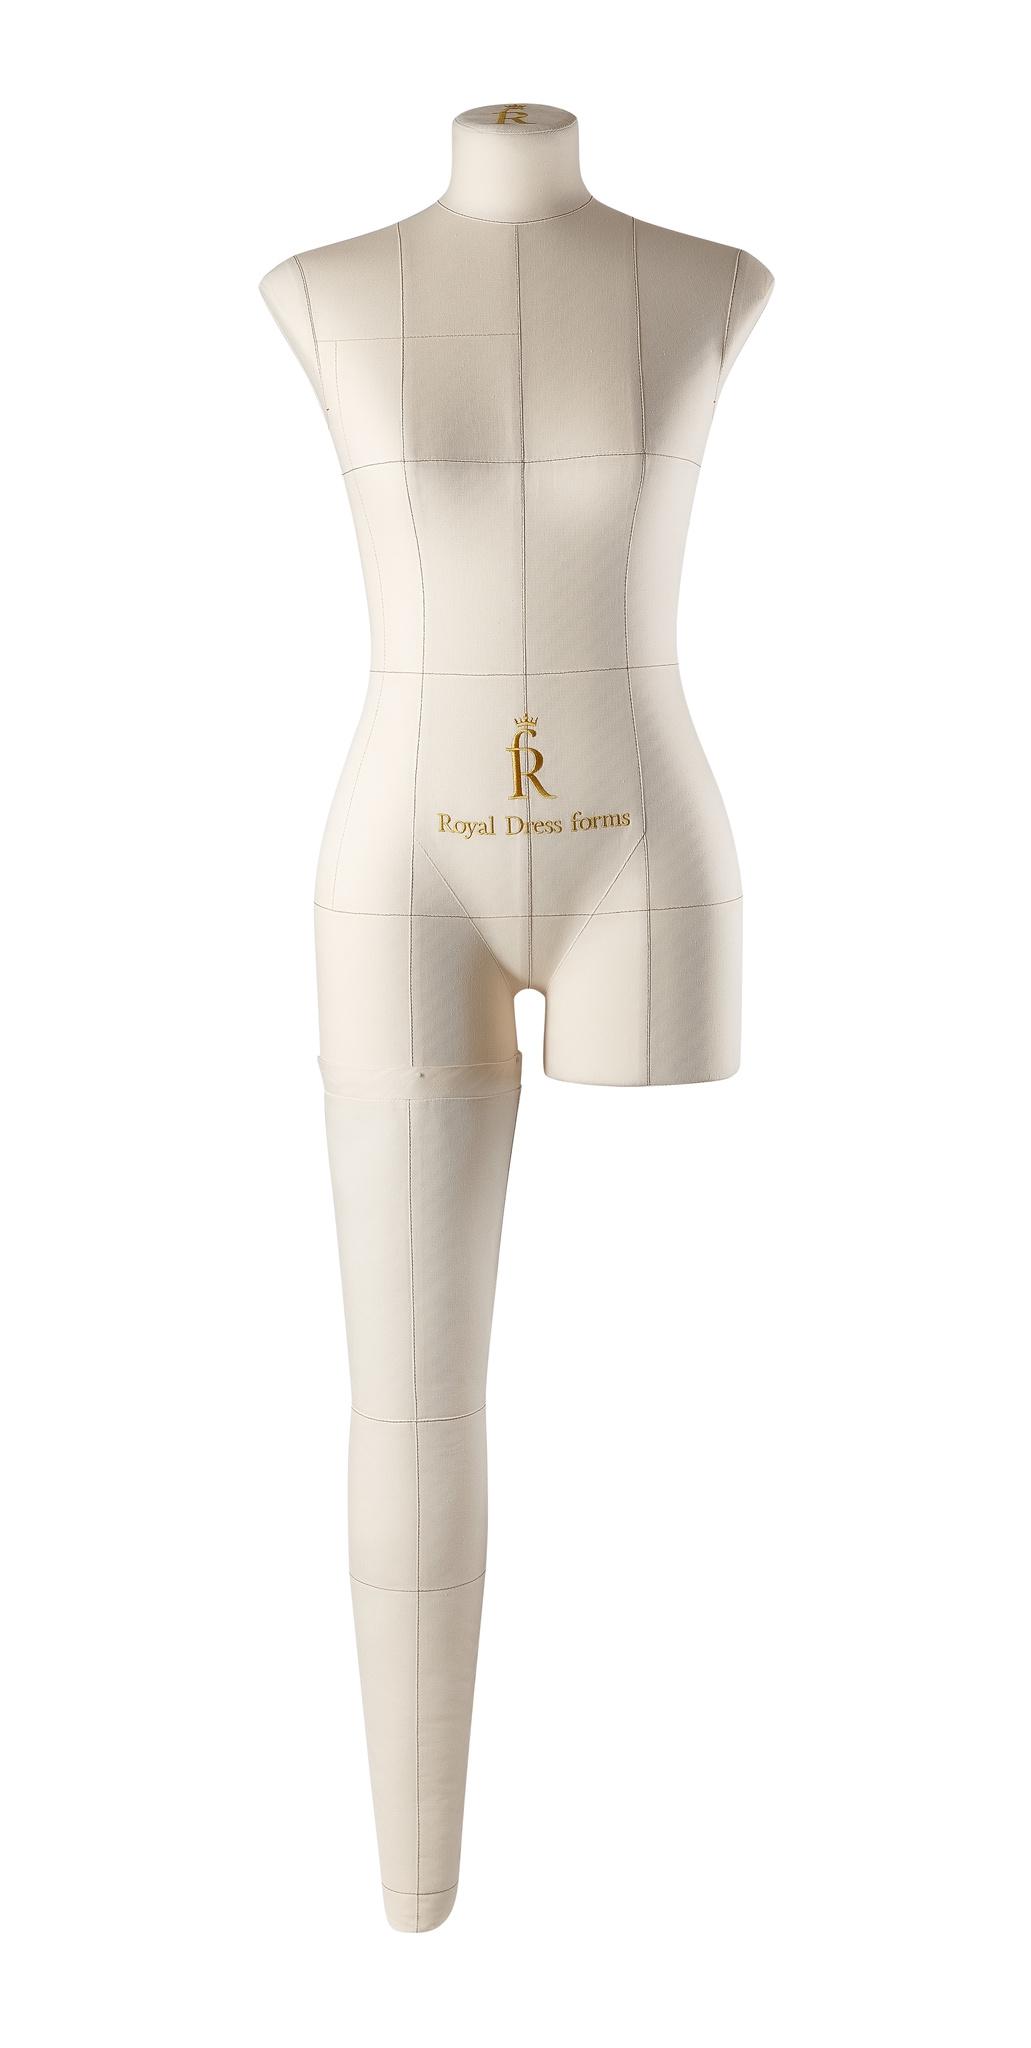 Нога бежевая для манекена Моника, 42 размер